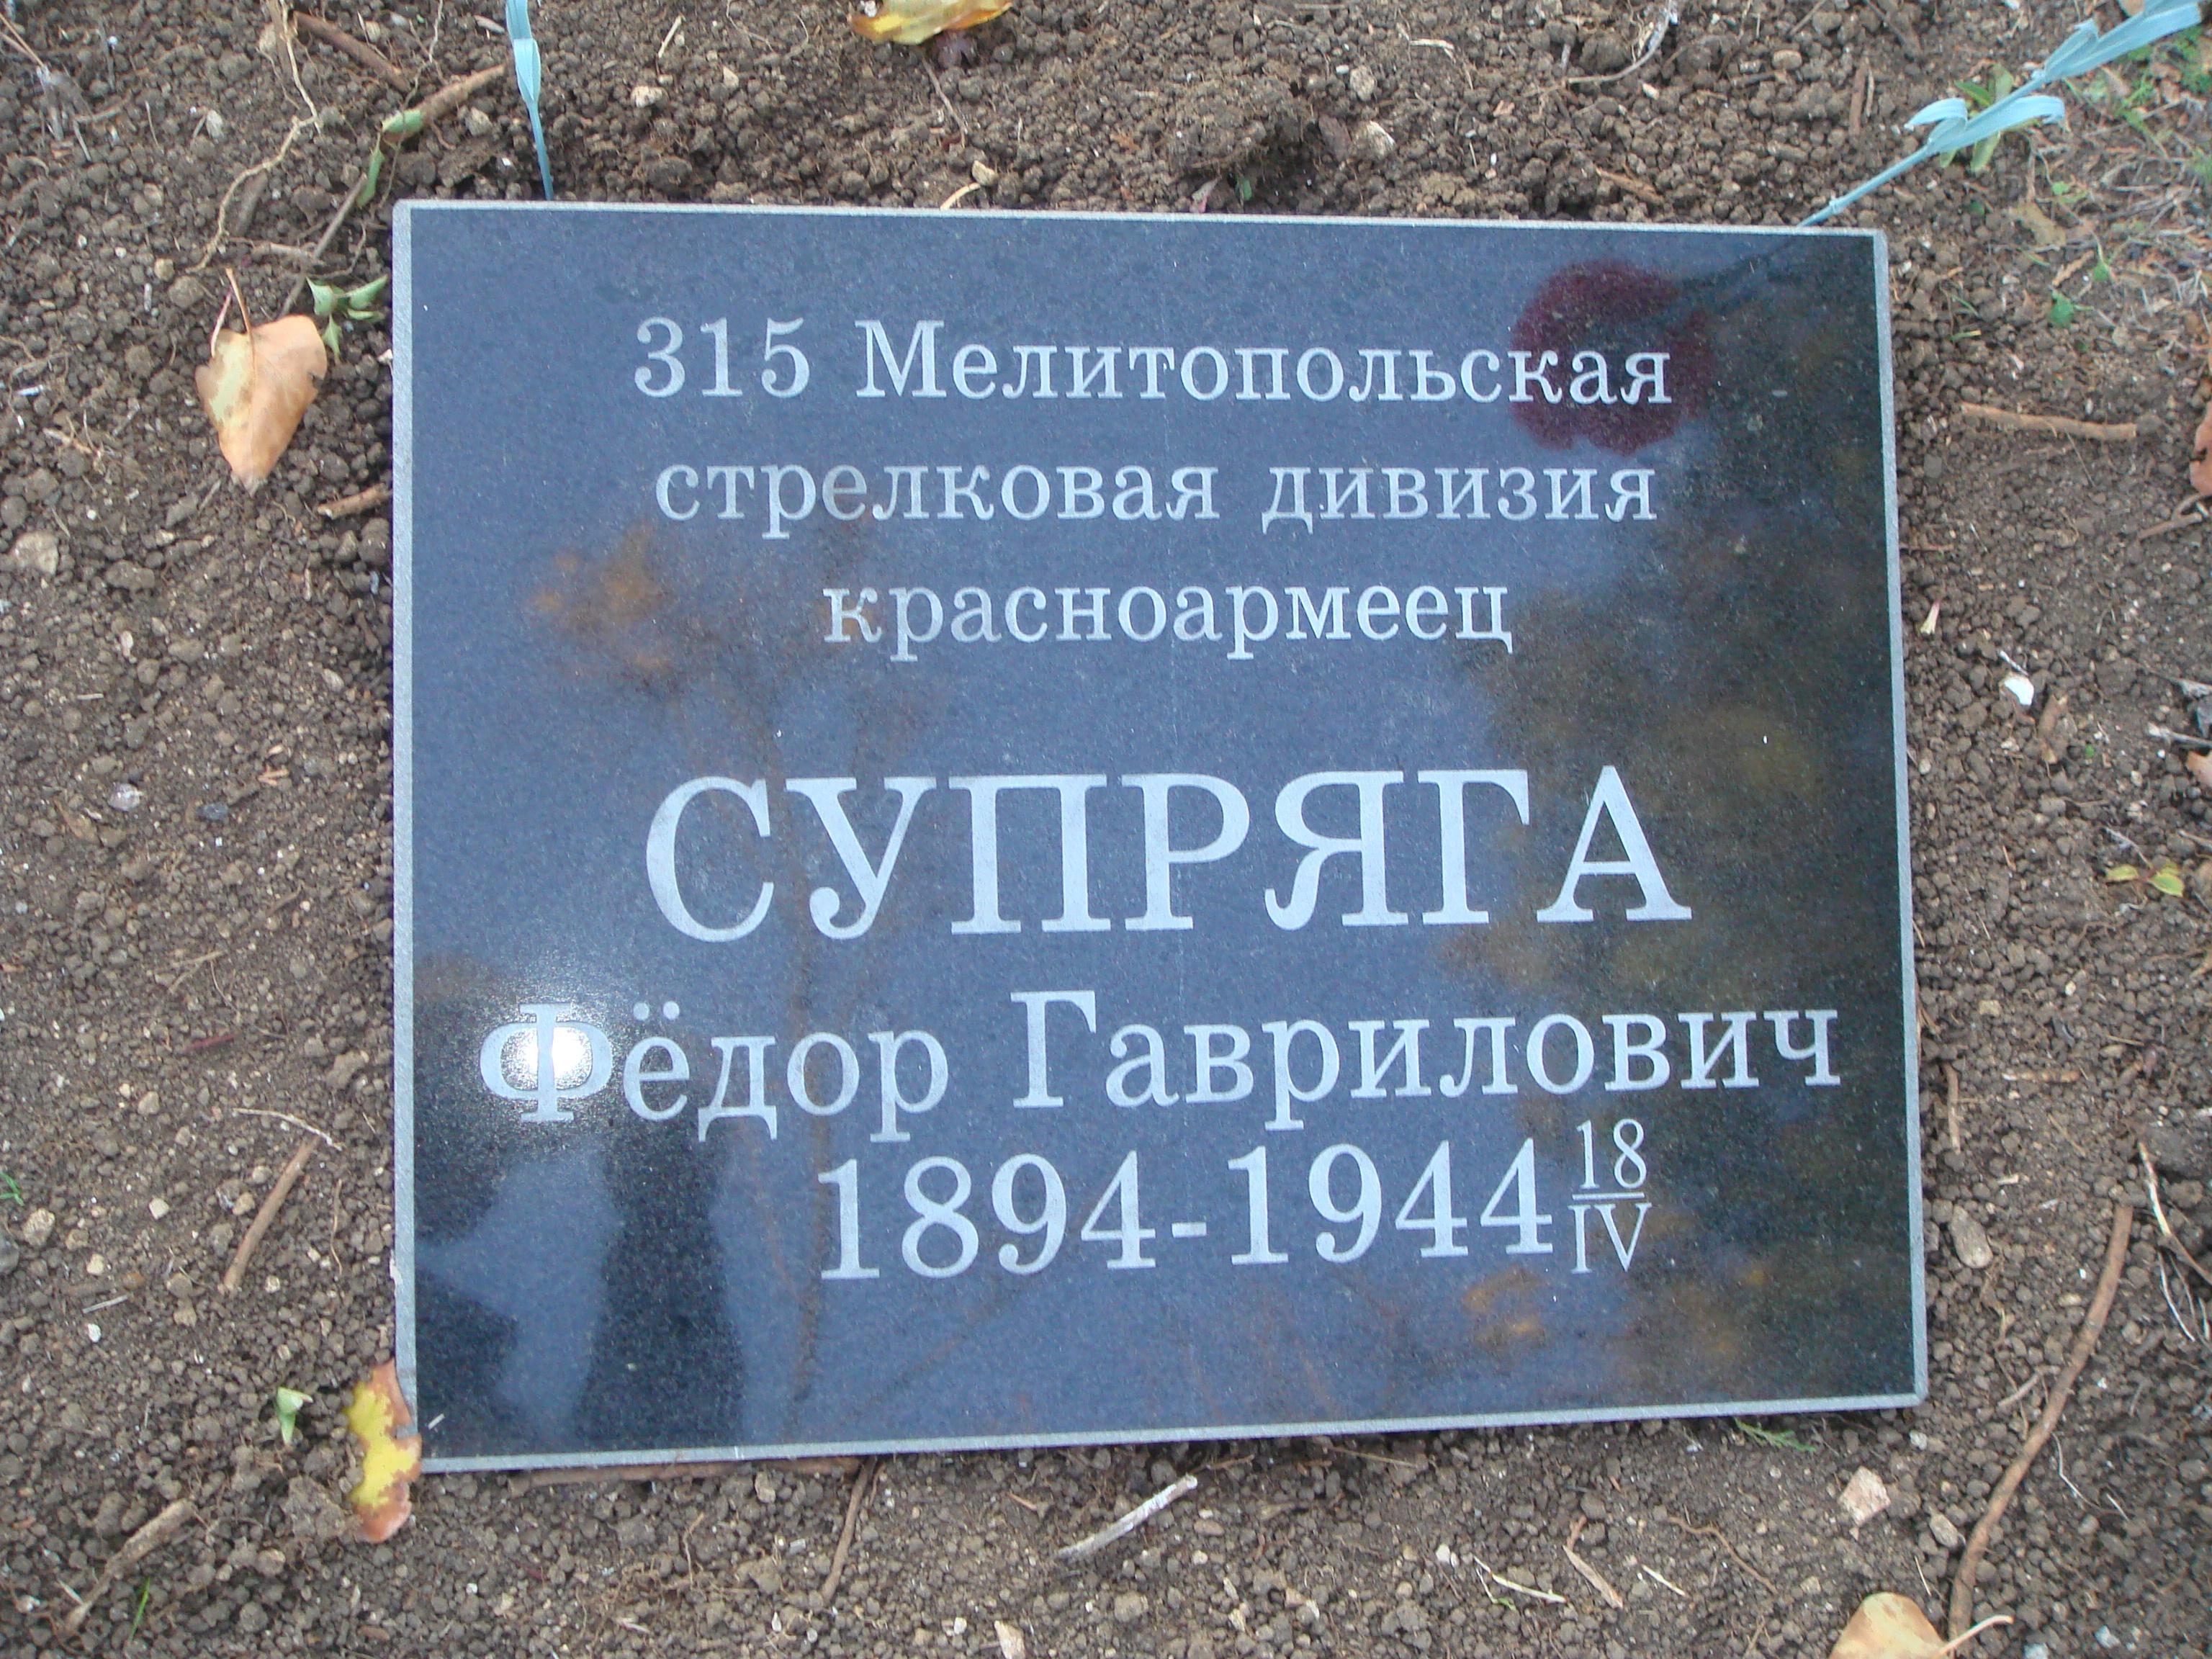 Супряга Федор Гаврилович, 315 СД, 1894-1944